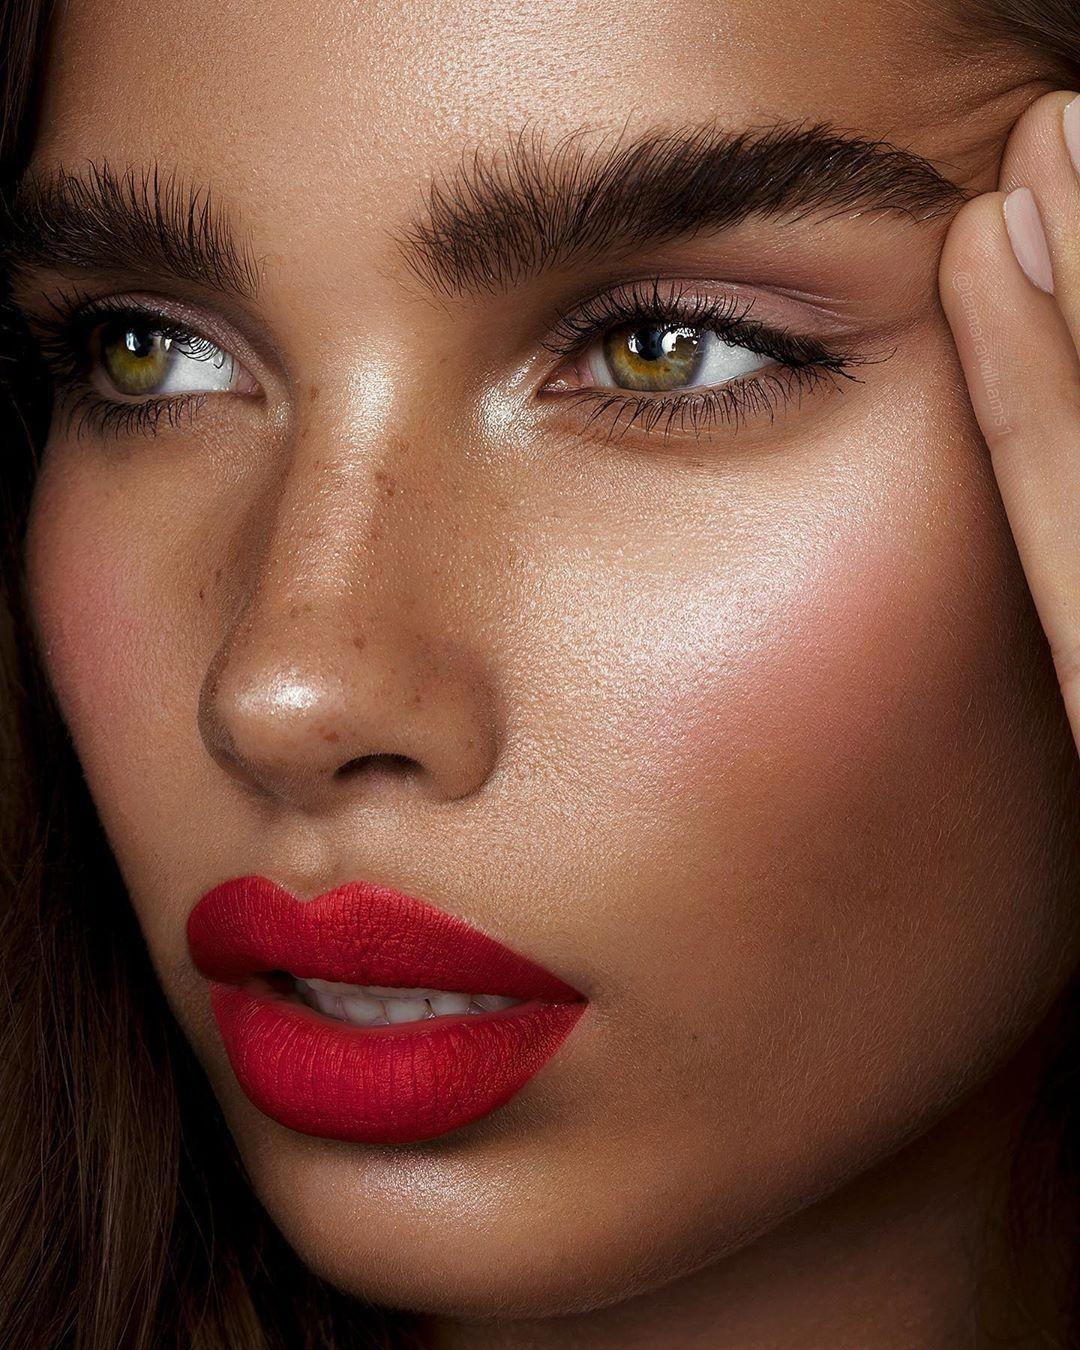 Pin by ROZA on Makeup Natural makeup, Natural makeup